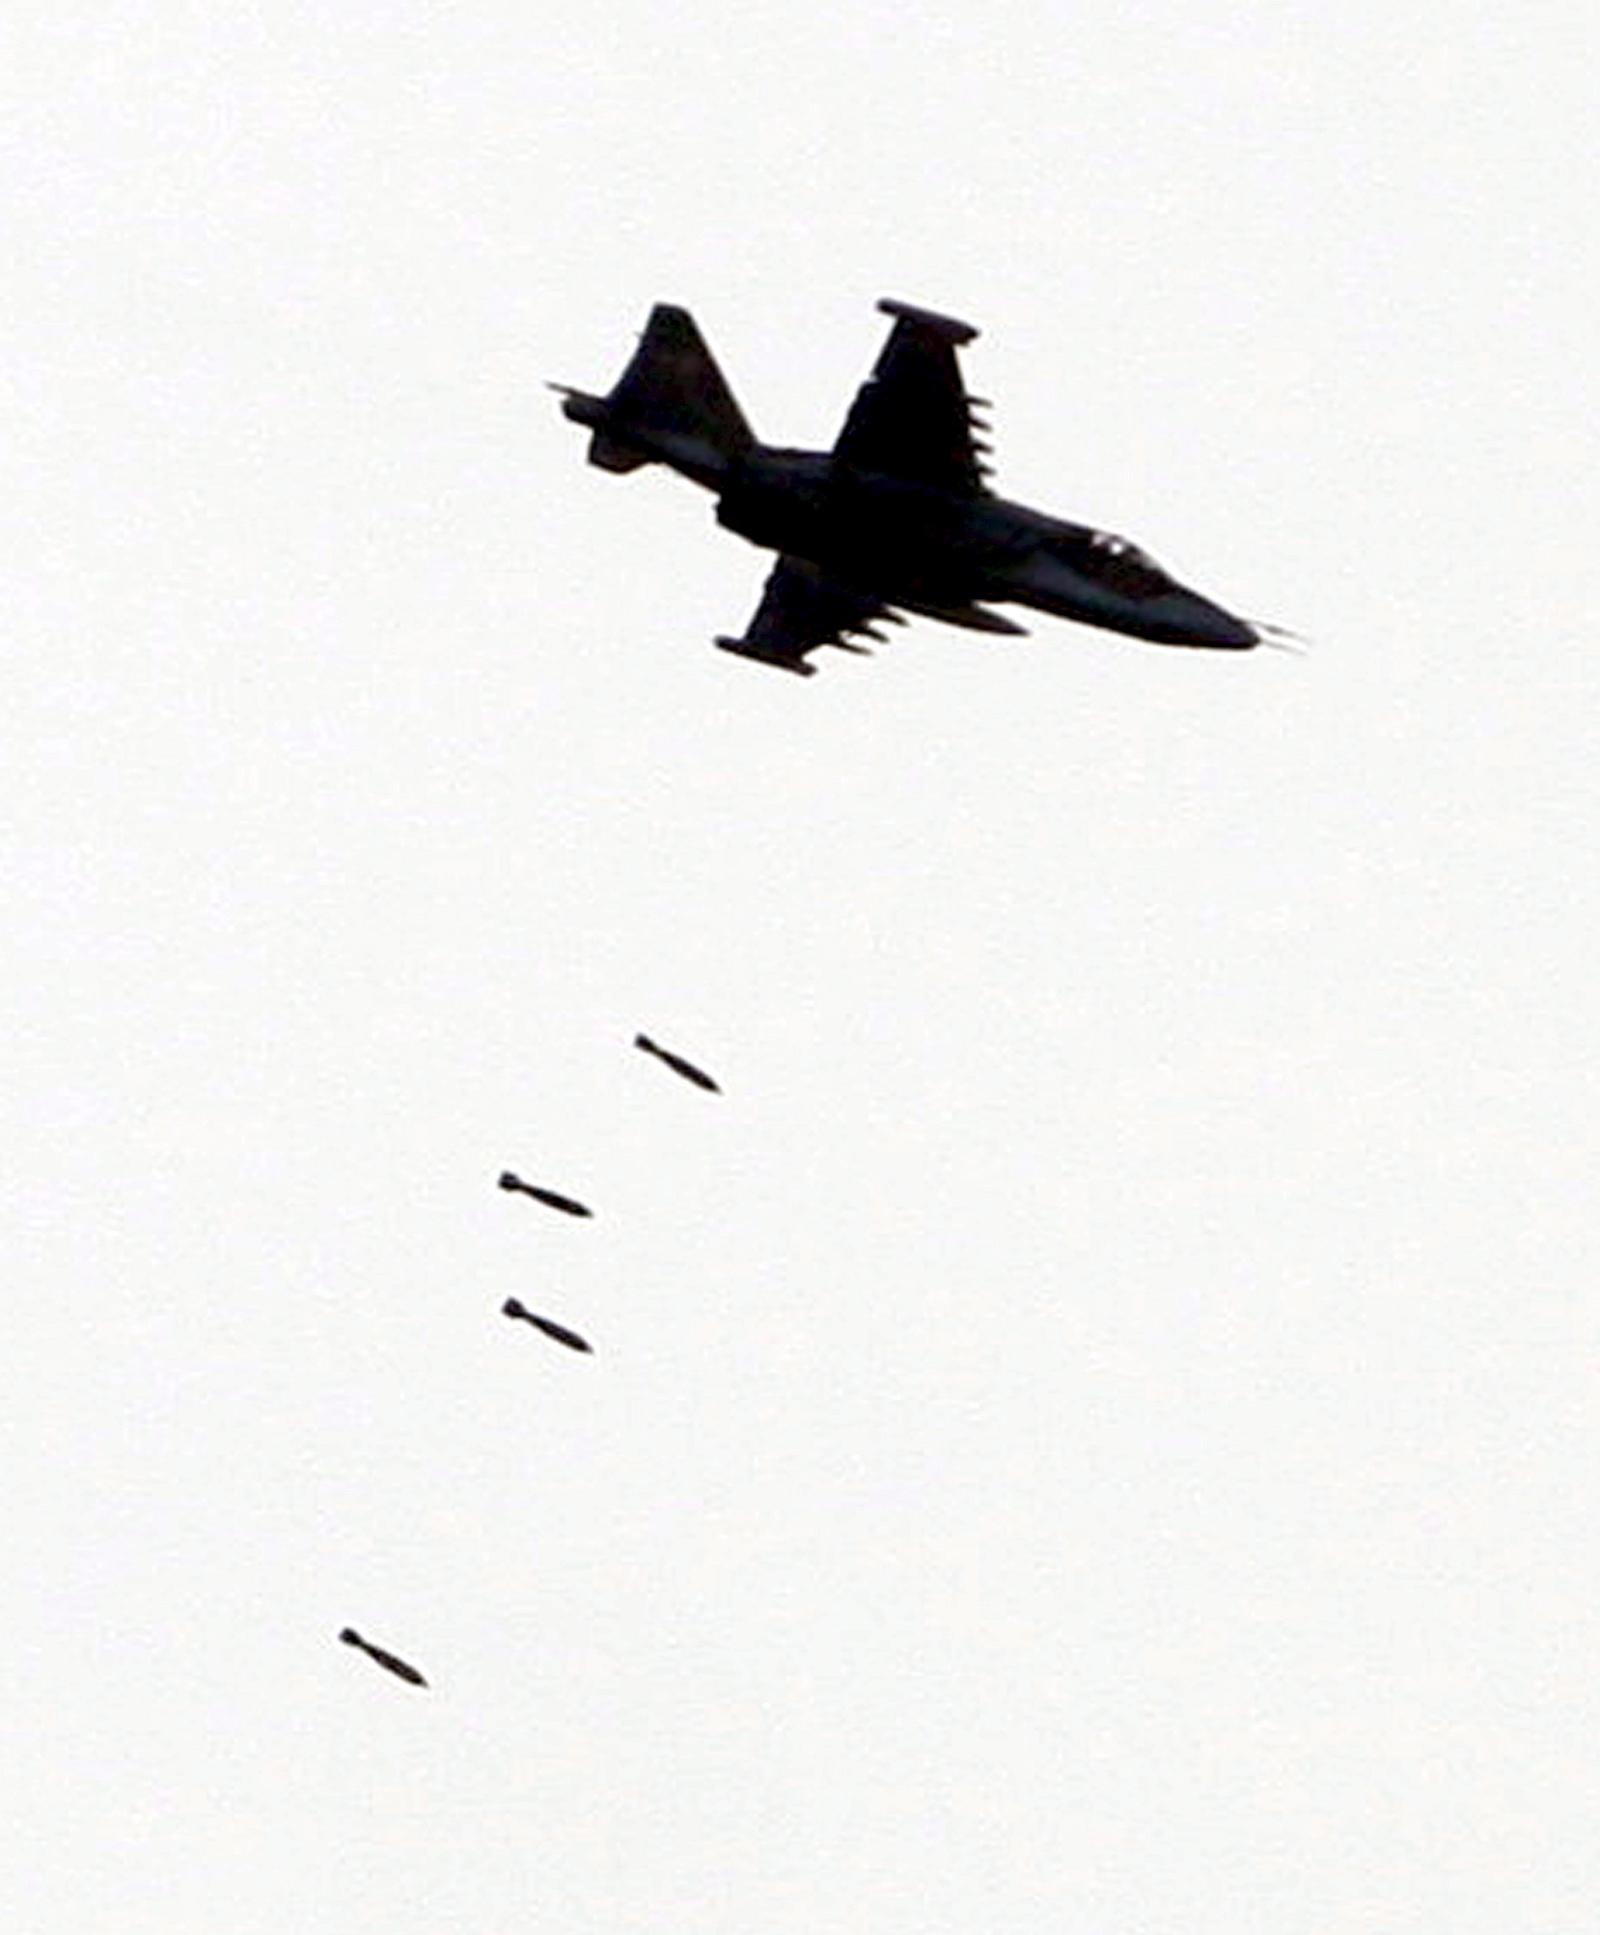 არაიდენტიფიცირებული თვითმფრინავი ცხინვალის მიმდებარე ტერიტორიაზე მიმდინარე საბრძოლო მოქმედებების ადგილს ბომბავს © EPA/ZURAB KURTSIKIDZE